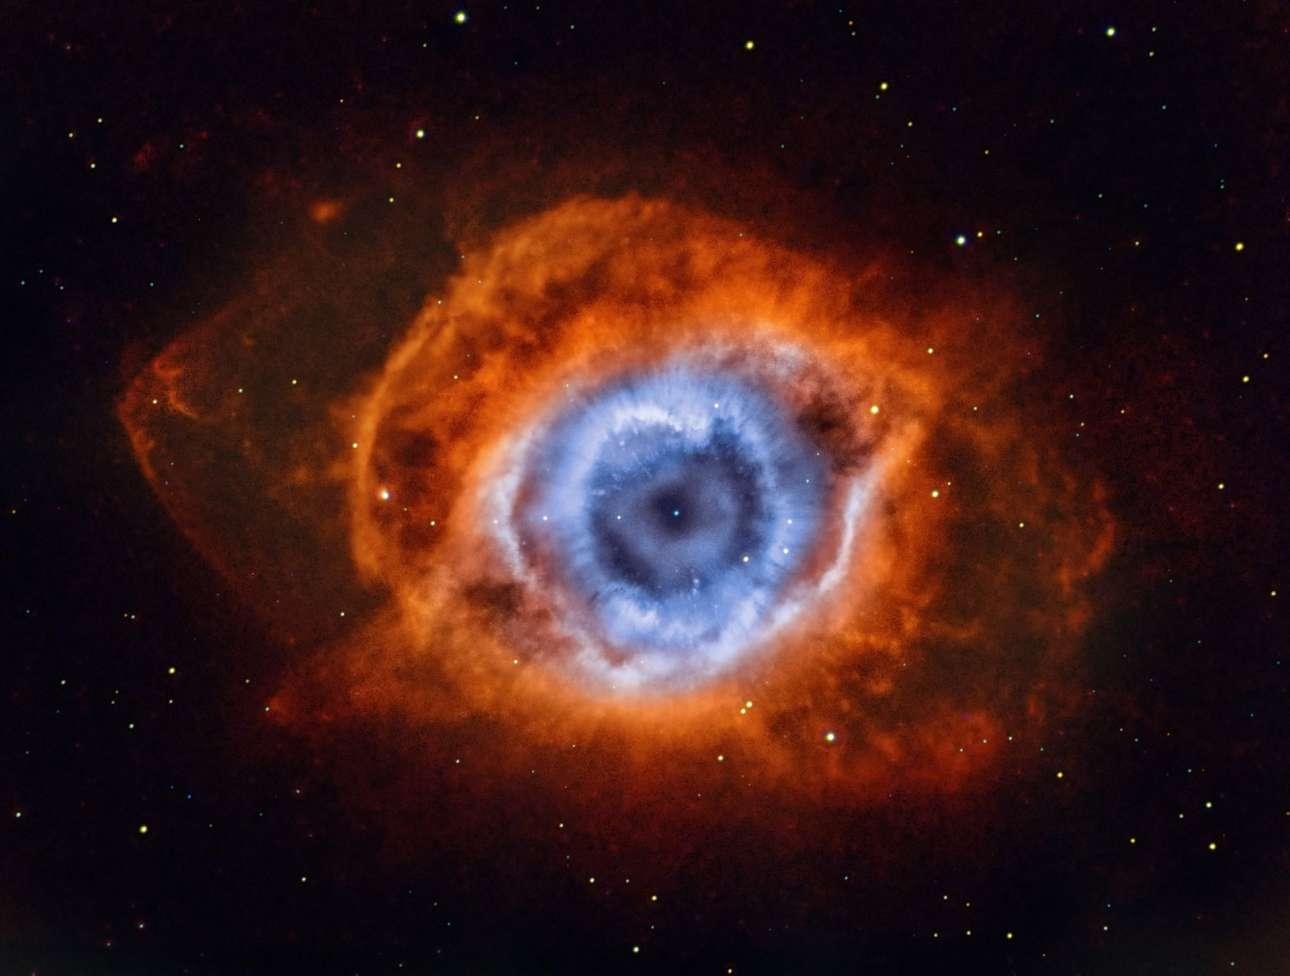 «Βαθιά μέσα στην καρδιά της Μόρντορ»... Το NGC 7293 είναι γνωστό και ως το νεφέλωμα της Ελικας γιατί μοιάζει σαν να κοιτάζεις κάτω στον άξονα ενός έλικα και είναι ένα από τα λαμπρότερα παραδείγματα πλανητικού νεφελώματος